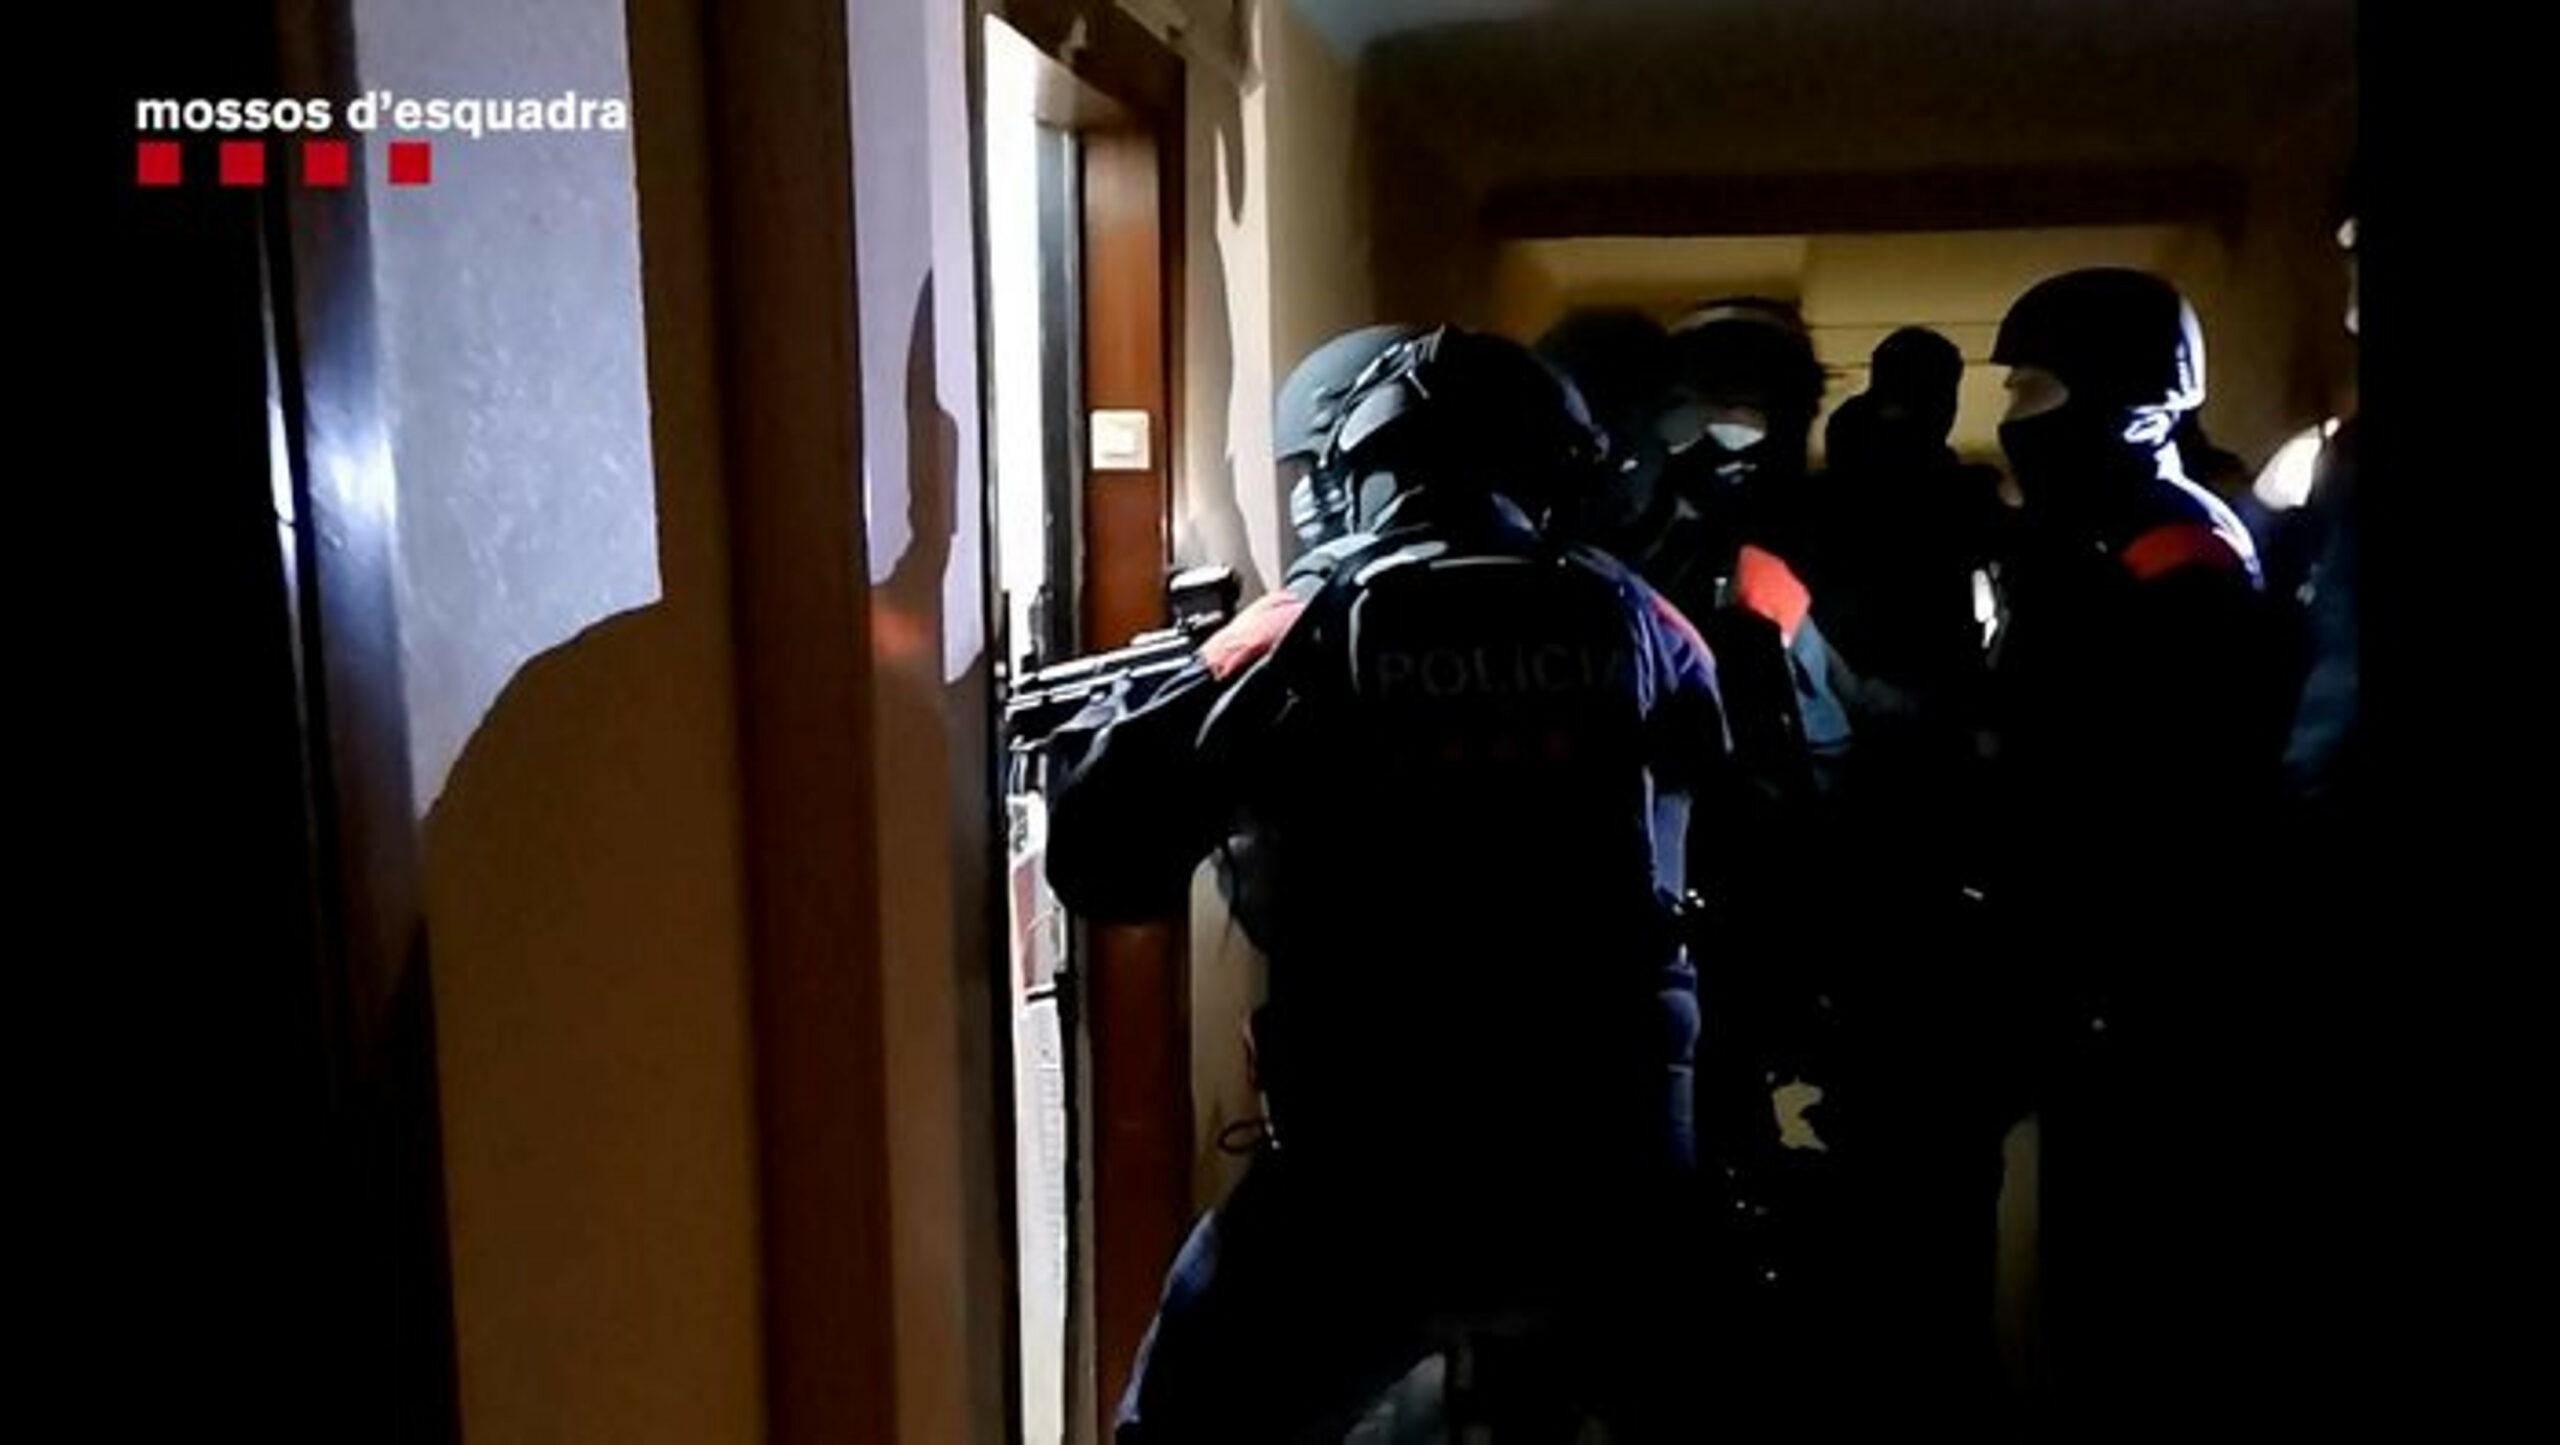 Mossos entrant en un dels domicilis en l'operatiu antidroga a la Florida, a l'Hospitalet de Llobregat. Imatge de l'11 de febrer del 2021. (horitzontal)